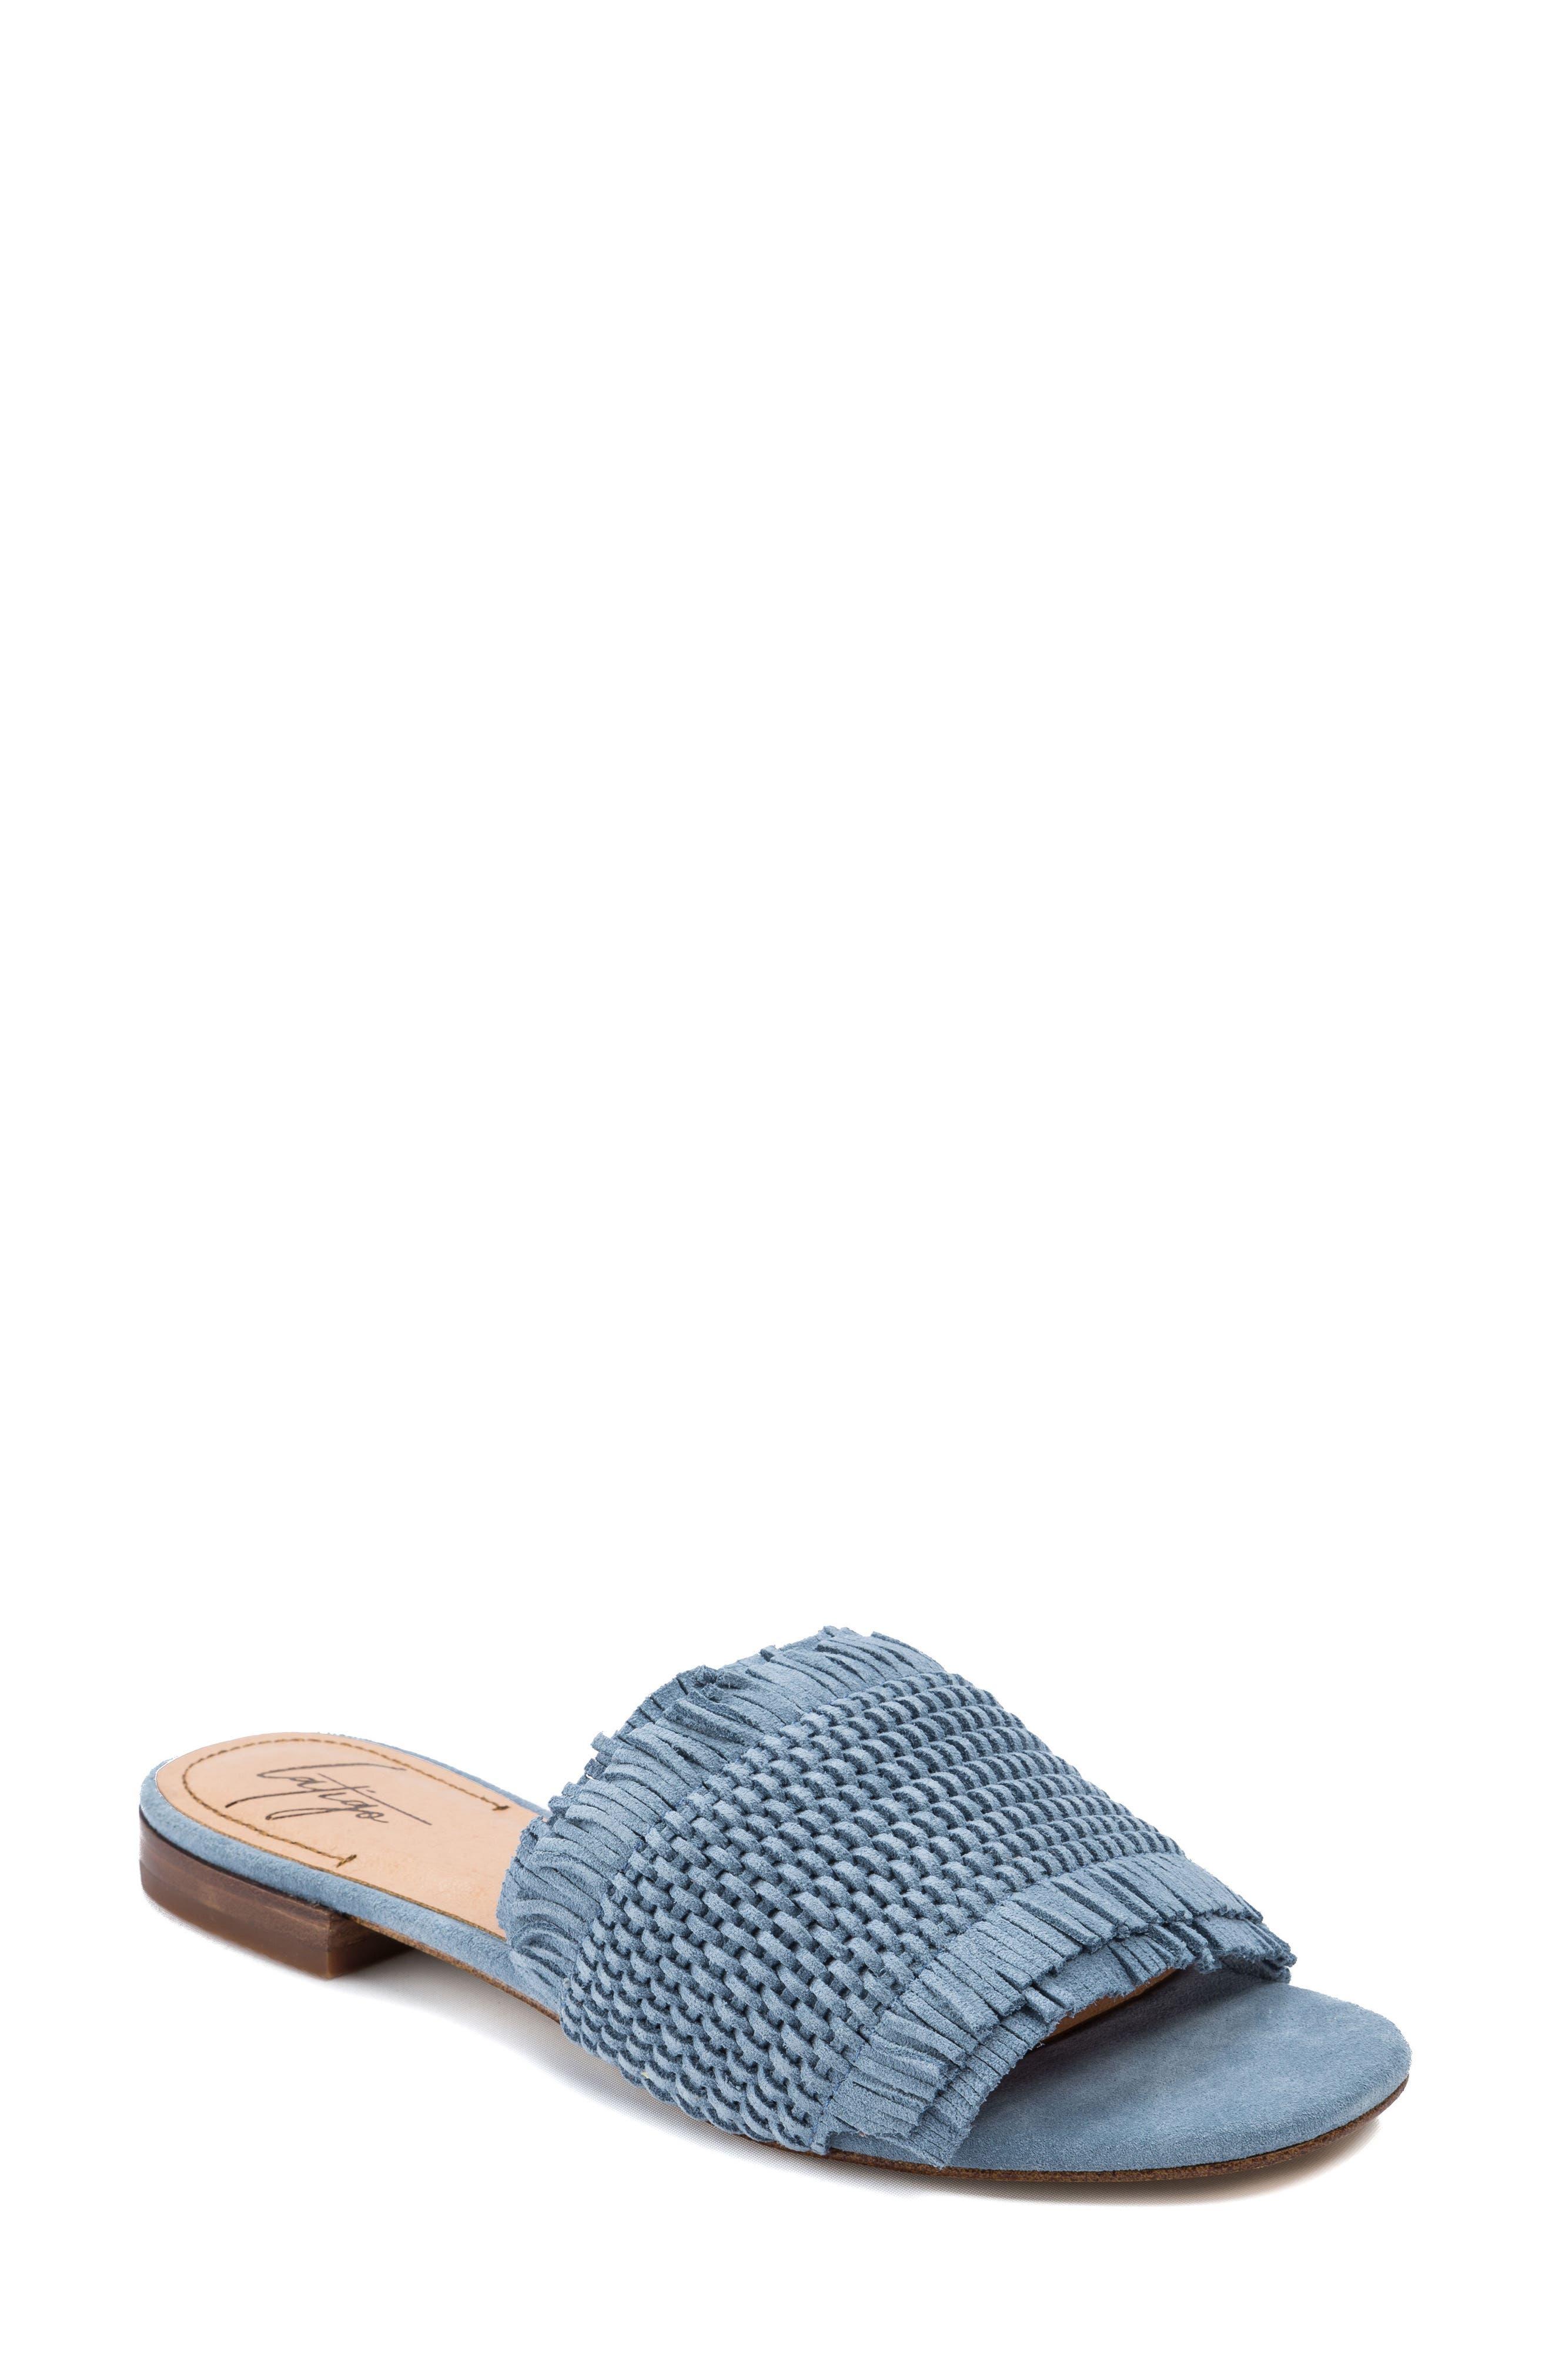 Sofie Fringed Slide Sandal,                         Main,                         color, Light Blue